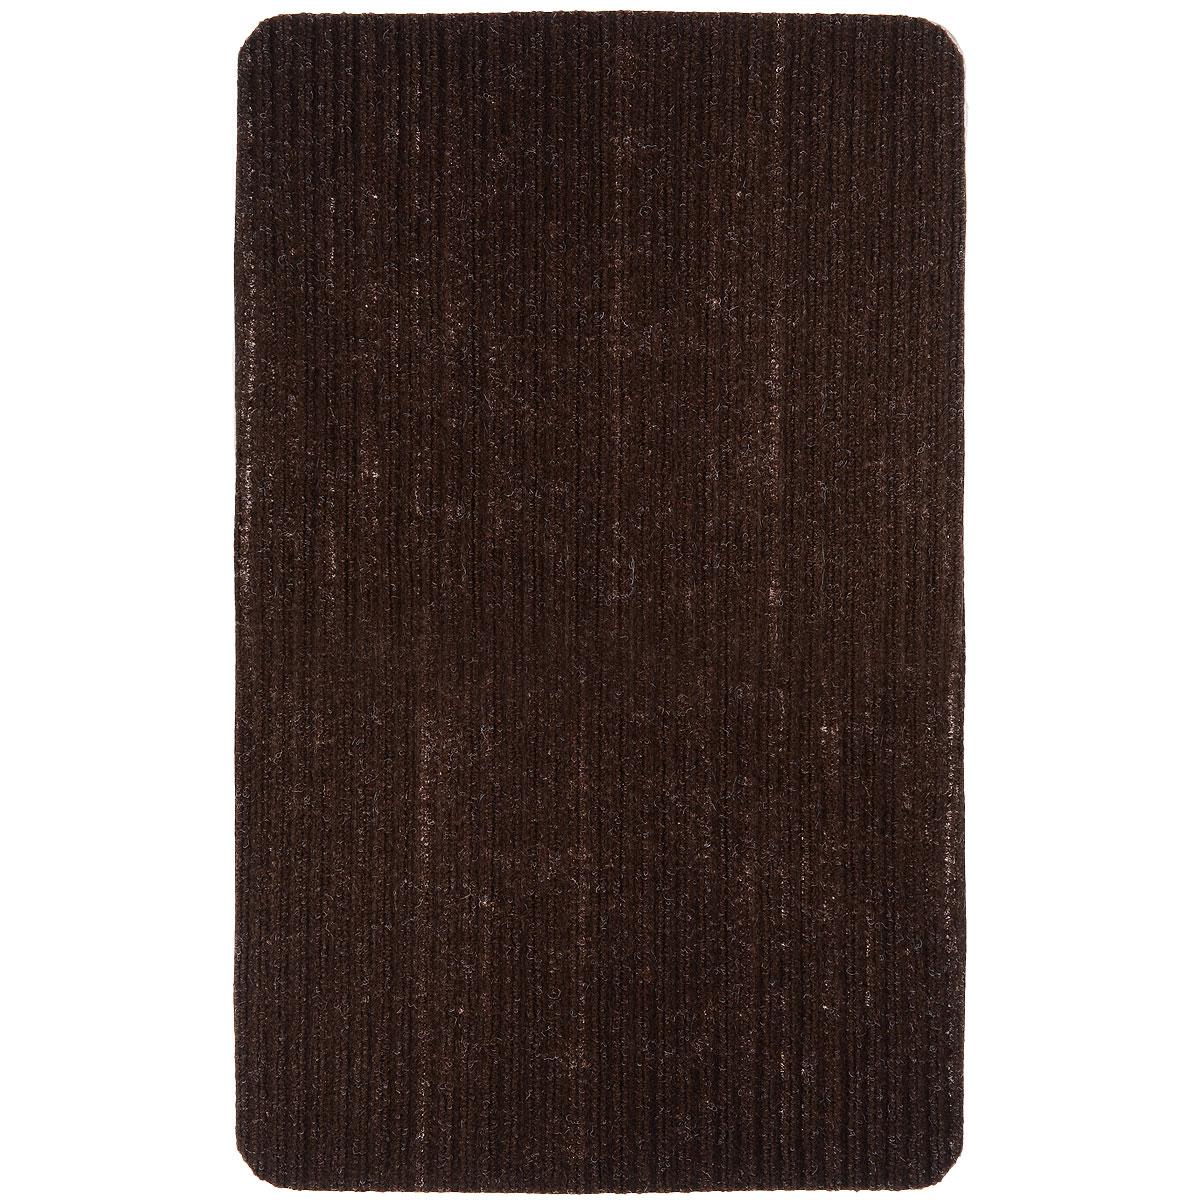 Коврик придверный Vortex Simple, цвет: темно-коричневый, 50 х 80 см22074_темно-коричневыйПридверный коврик Vortex Simple выполнен из полимера. Он прост в обслуживании, прочный и устойчивый к различным погодным условиям. Такой коврик надежно защитит помещение от уличной пыли и грязи.